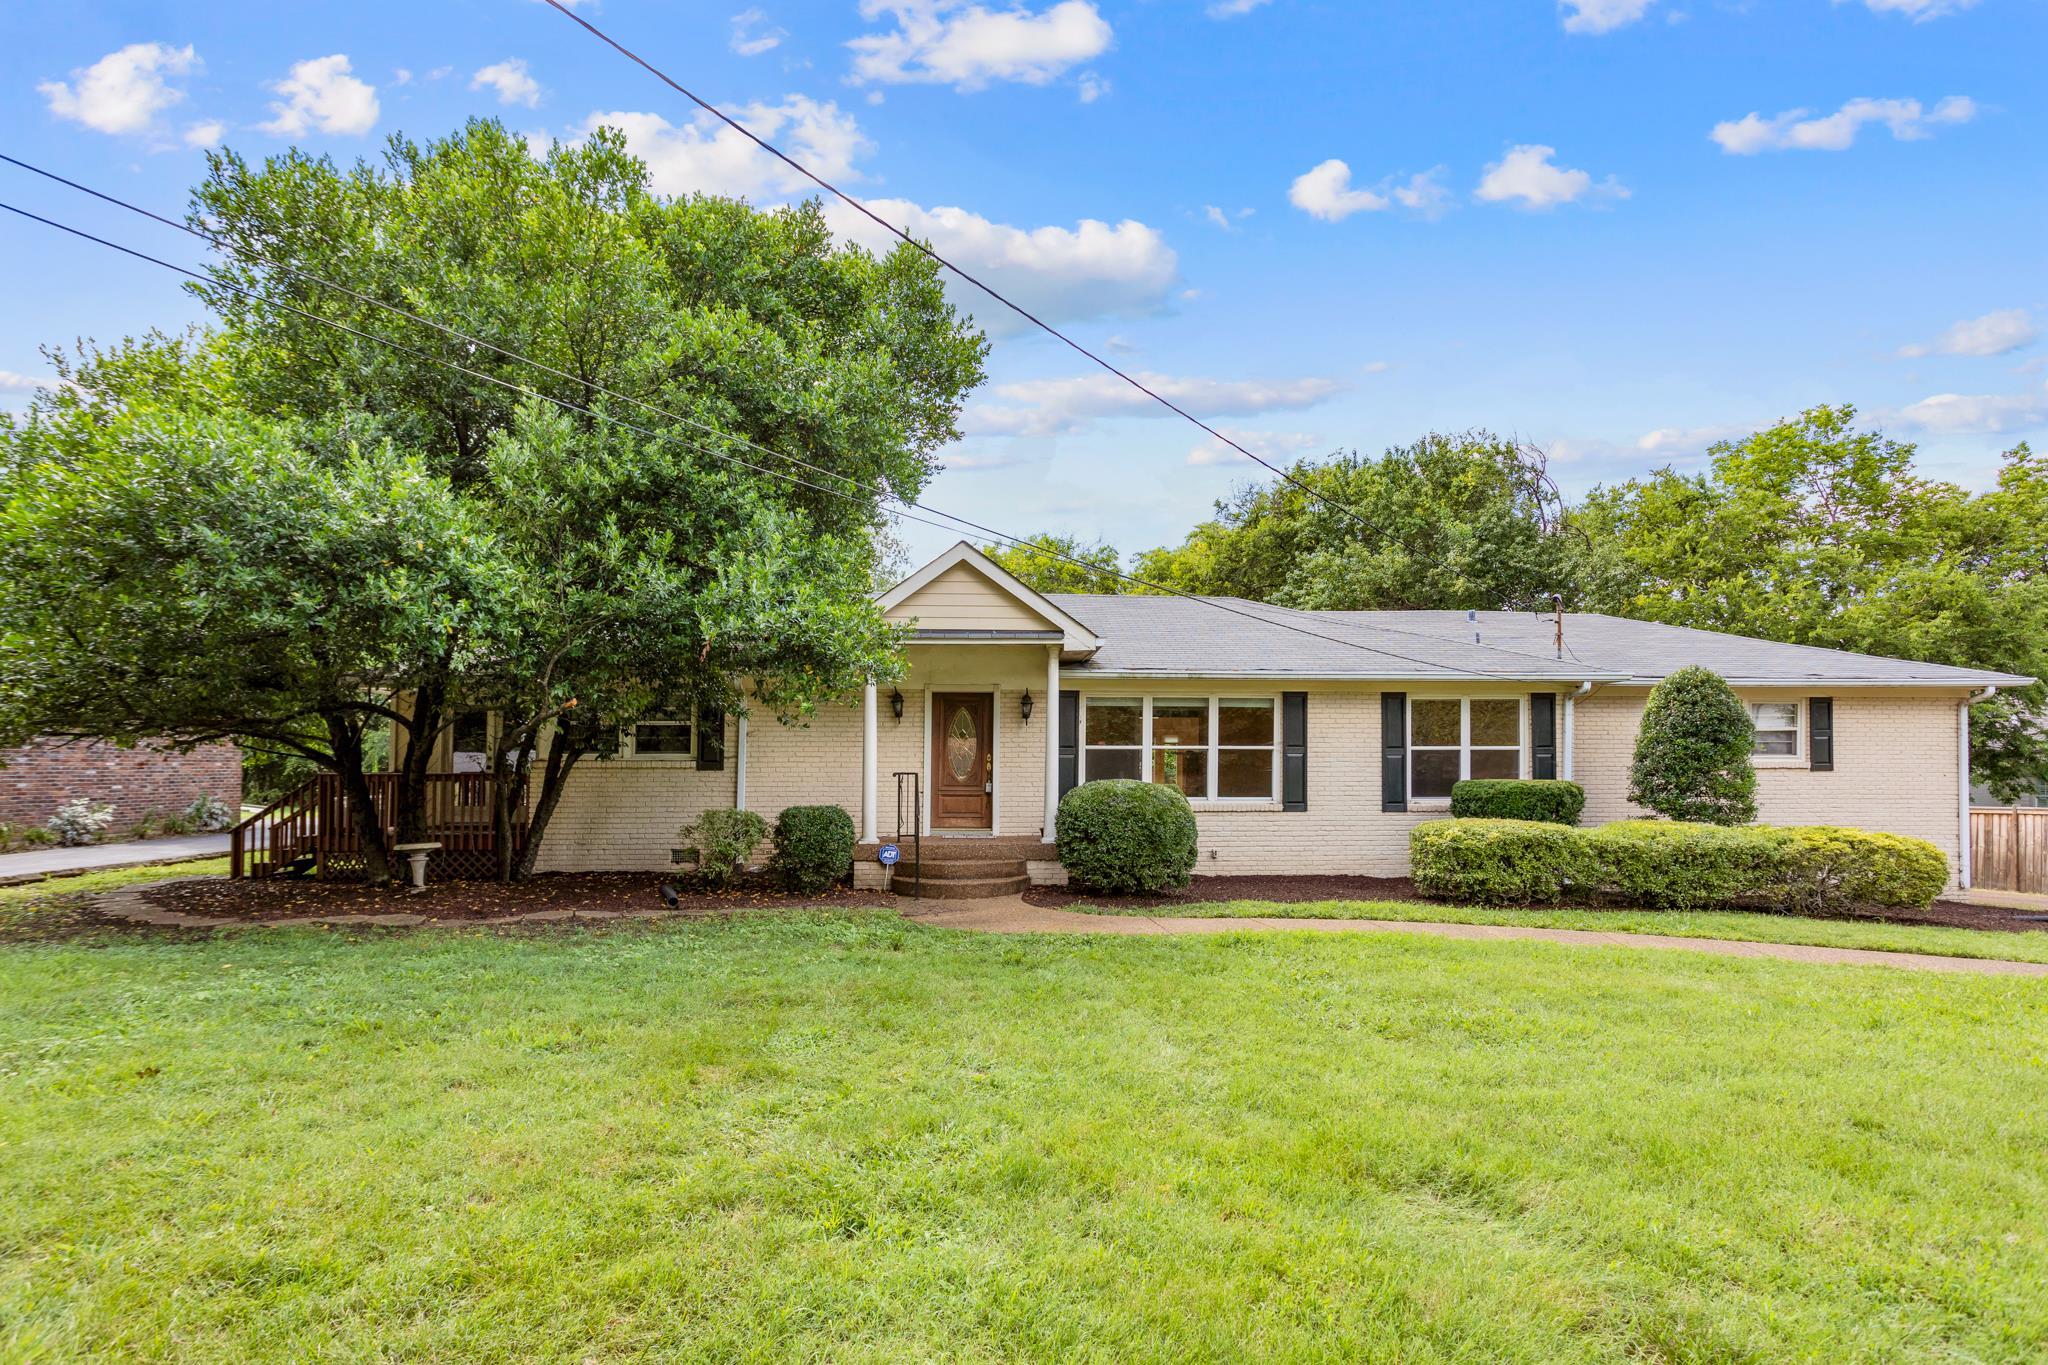 4401 Farriswood Dr, Nashville, TN 37204 - Nashville, TN real estate listing